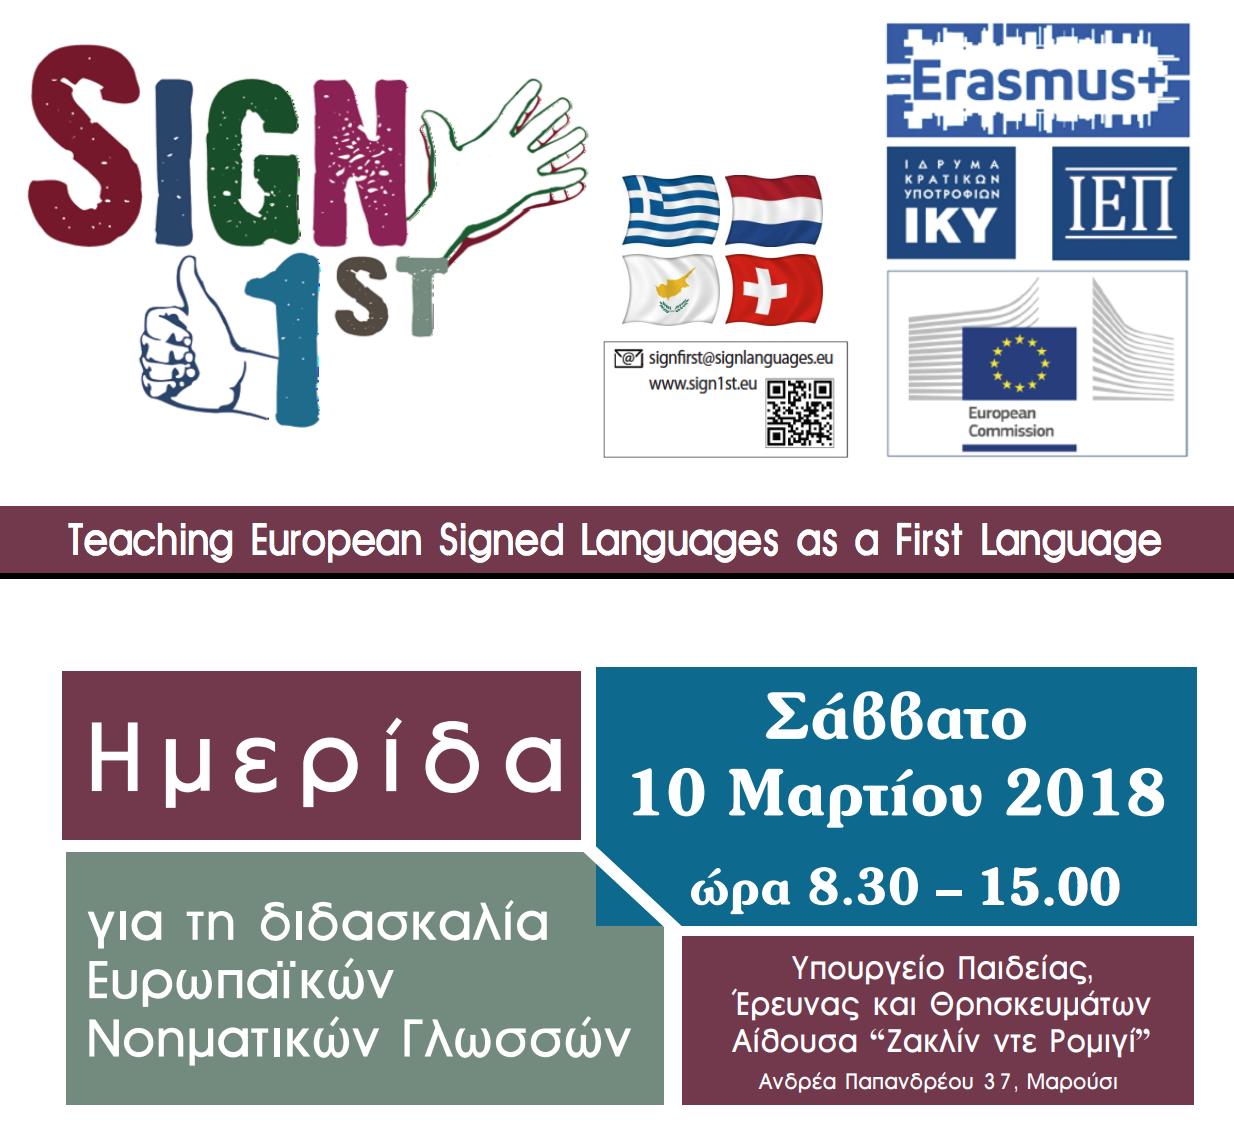 Διδασκαλία της Ελληνικής Νοηματικής Γλώσσας (ΕΝΓ) ως πρώτη γλώσσα.